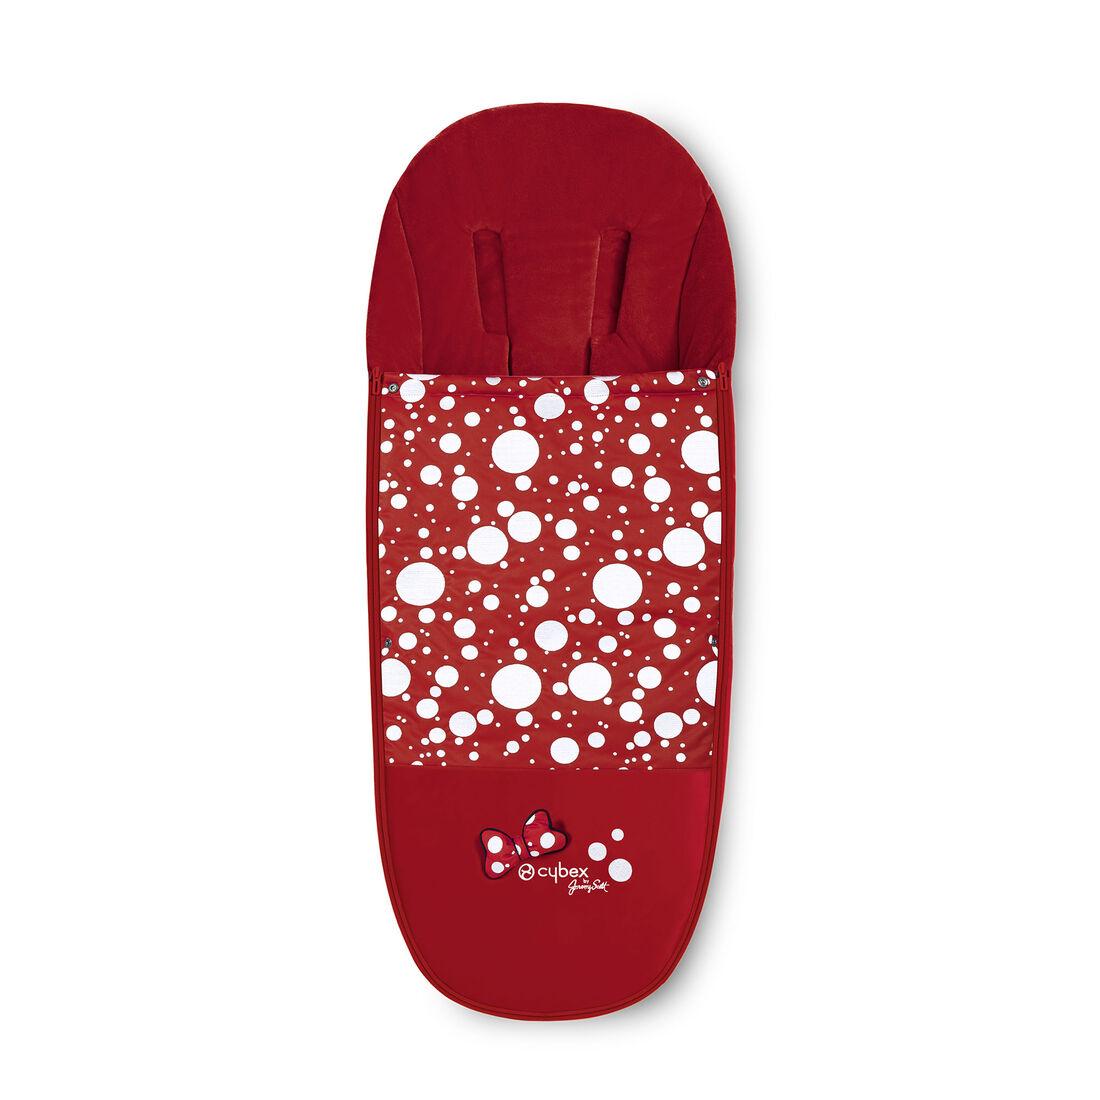 CYBEX Platinum Fußsack - Petticoat Red in Petticoat Red large Bild 1